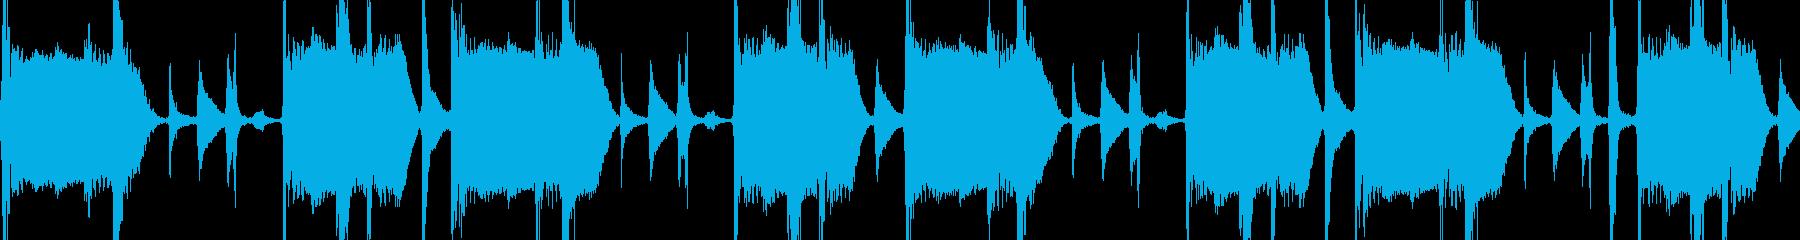 サンバ楽器のブレイクビーツLoop素材の再生済みの波形